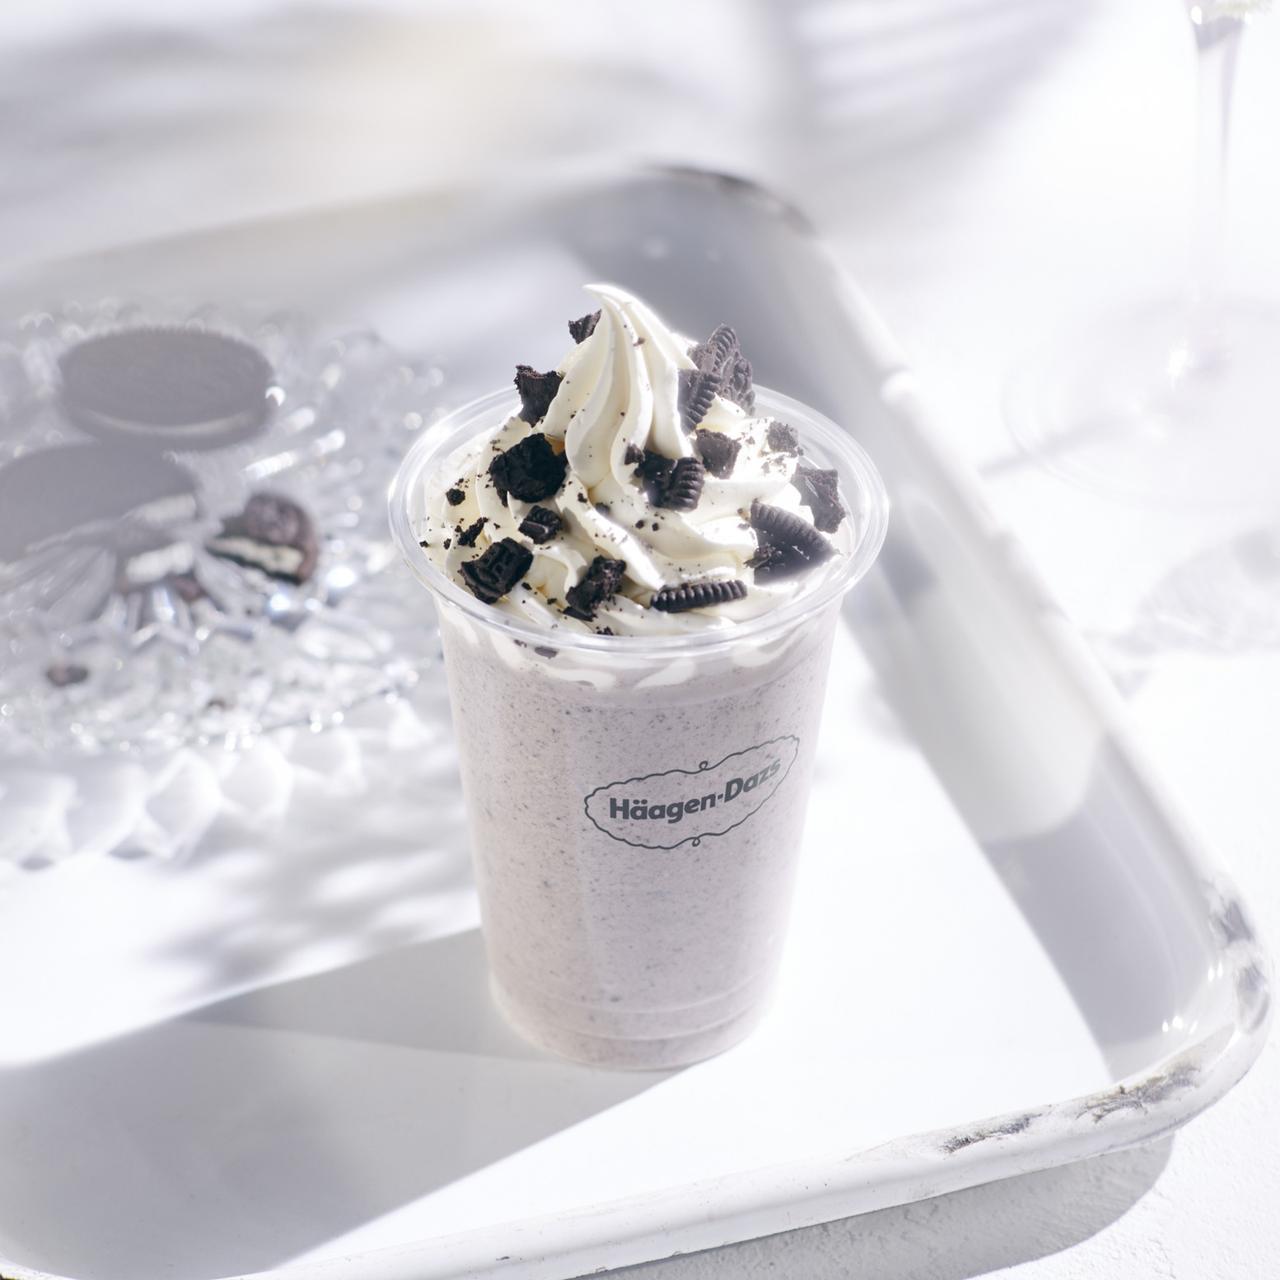 画像: クッキー&クリーム シェイク with Häagen-Dazs cookies&cream ice cream ¥480(税抜き)